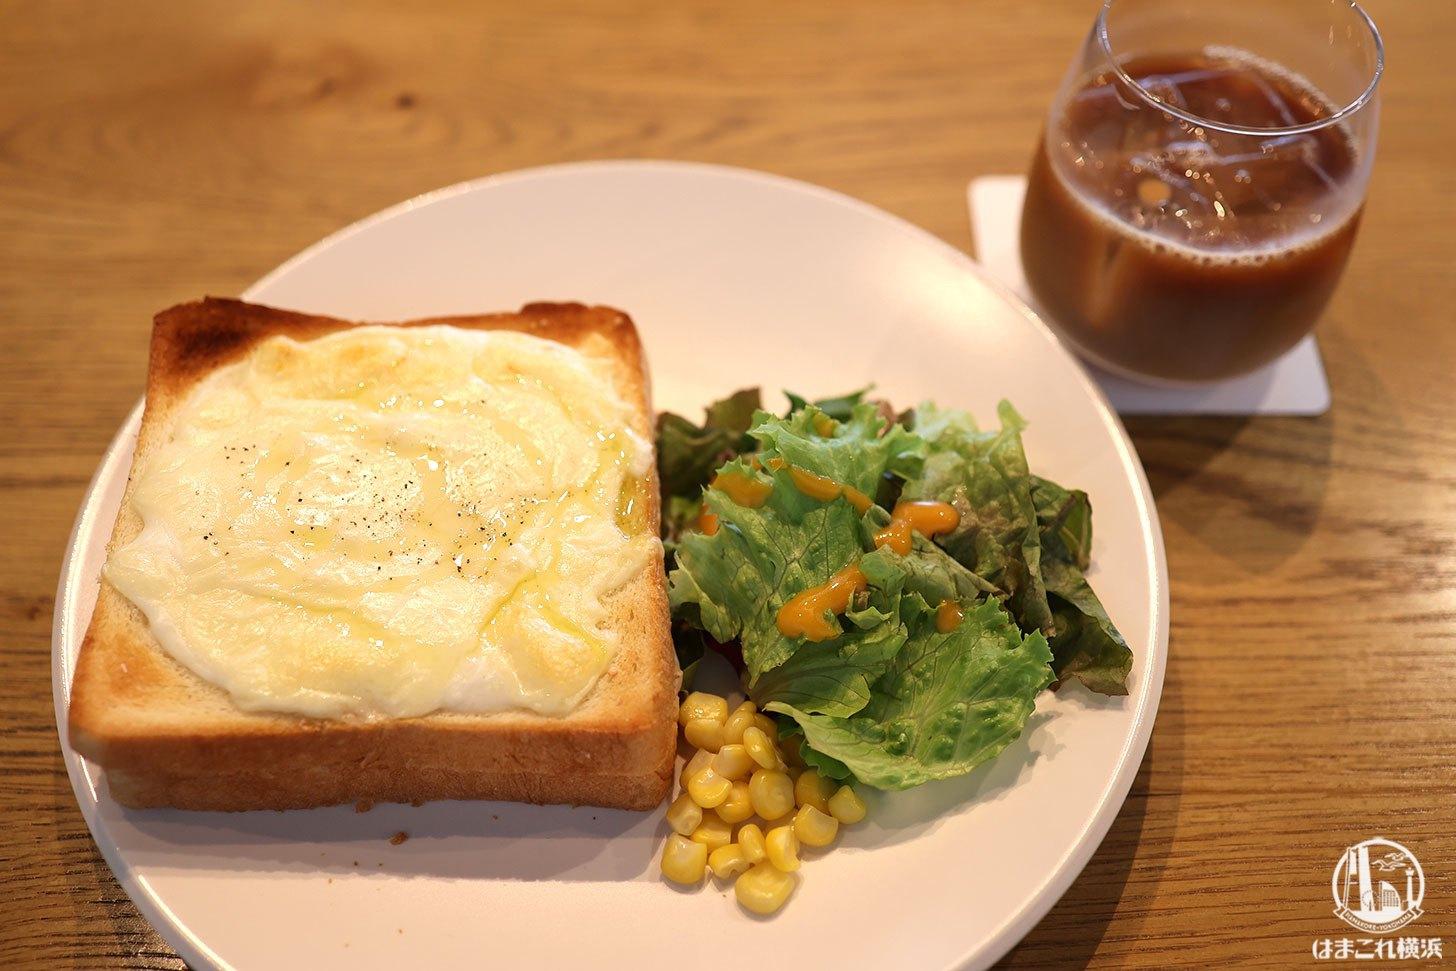 横浜・馬車道「トースター!」のモーニングで湯種食パン堪能!食パン専門店「髙匠」監修のカフェ